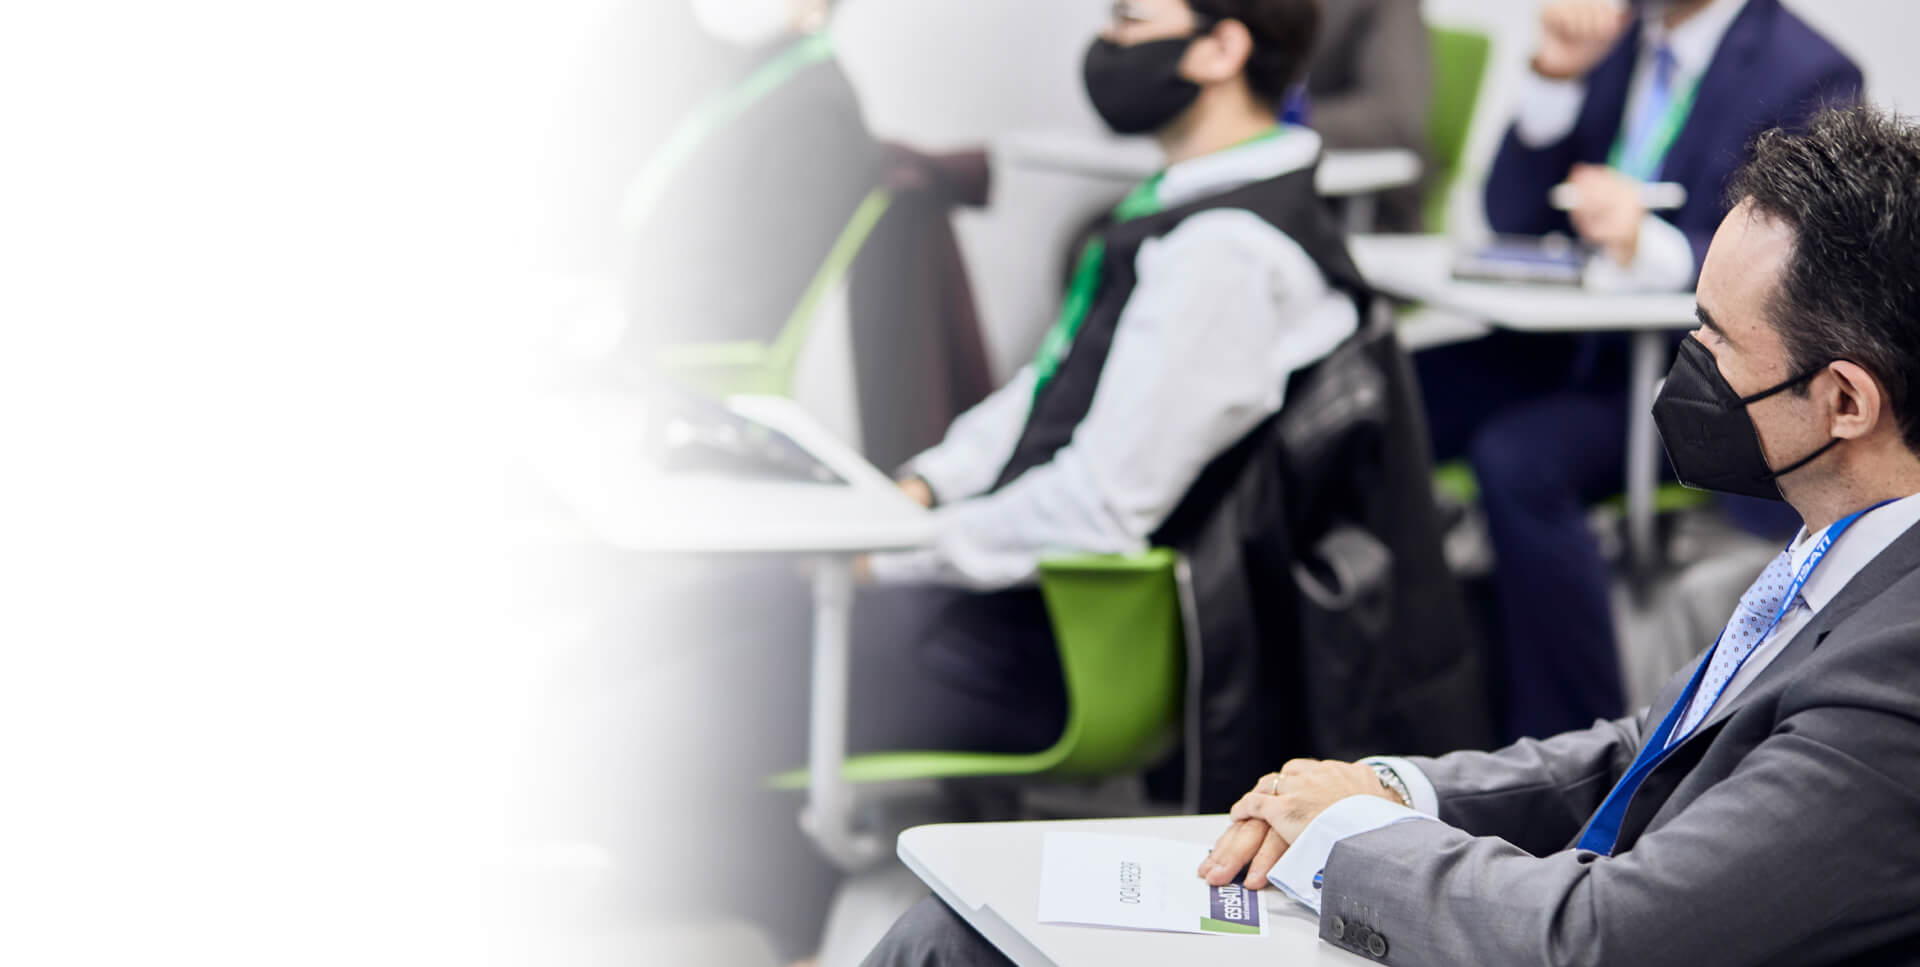 <span class='negritaslide'>Formación presencial y e-learning </span>